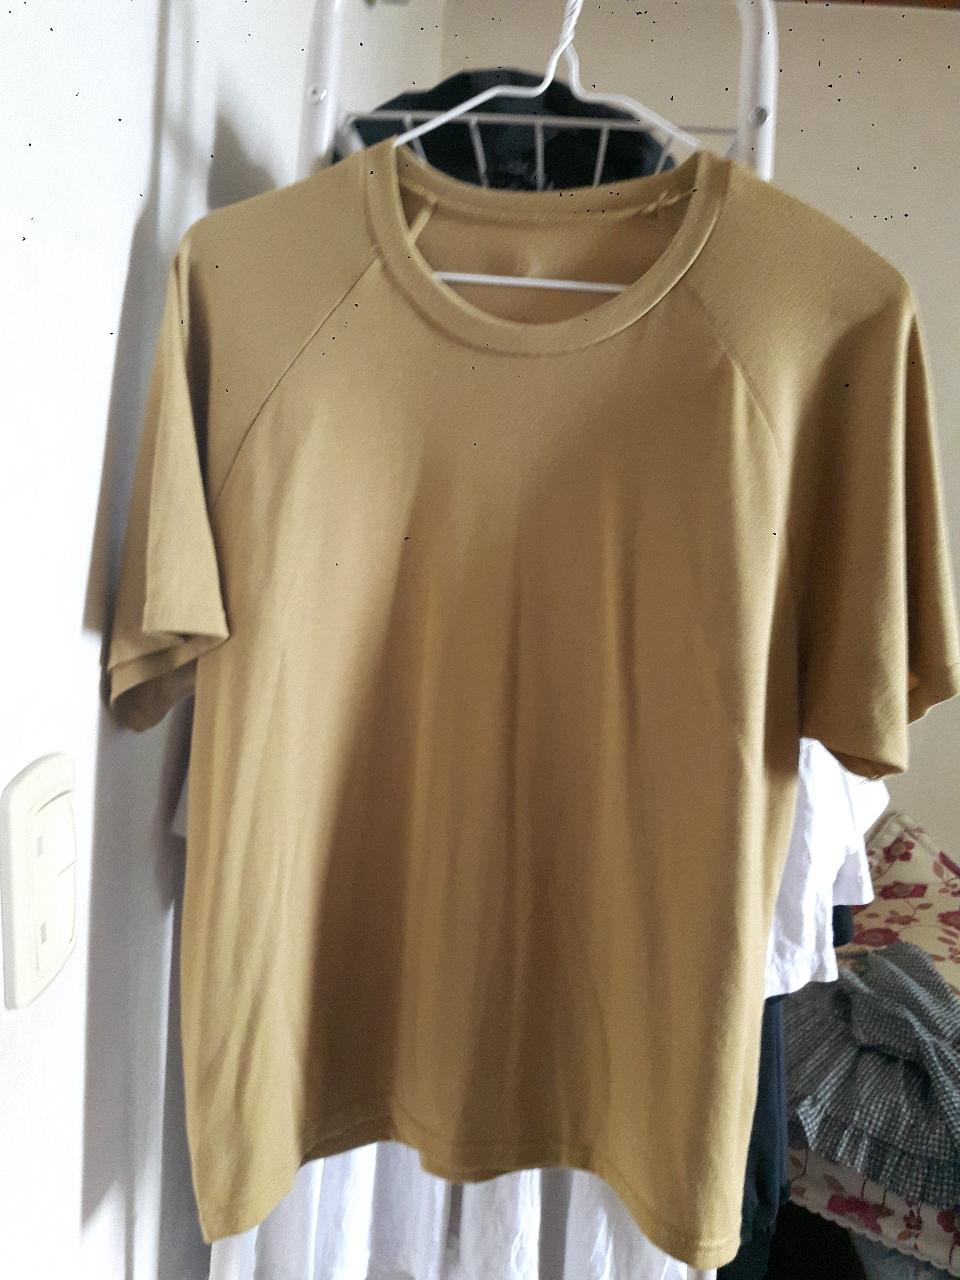 올리브색 티셔츠